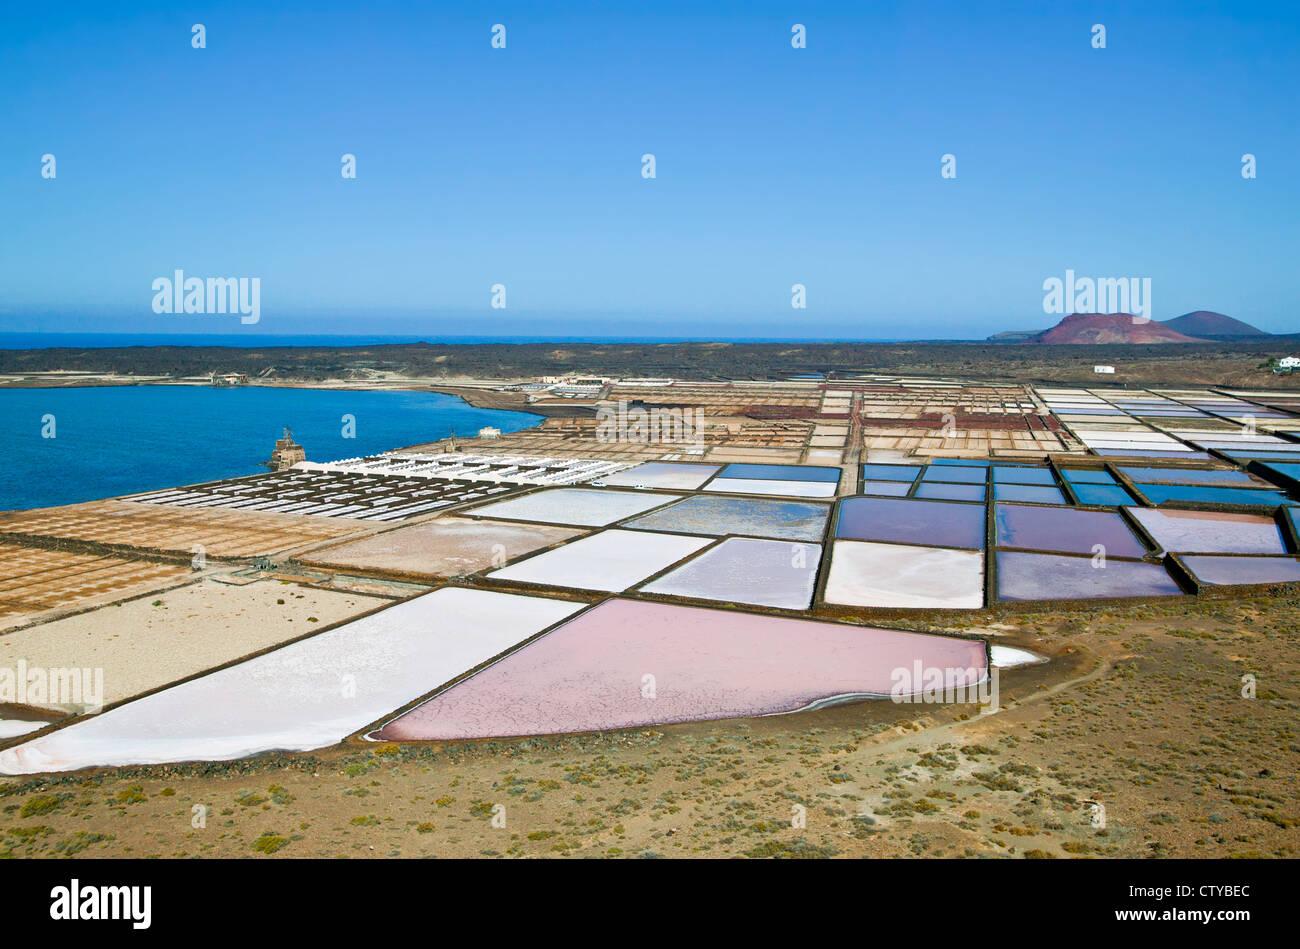 Salz Verdampfung Teiche auf Lanzarote, Kanarische Inseln, Spanien Stockbild